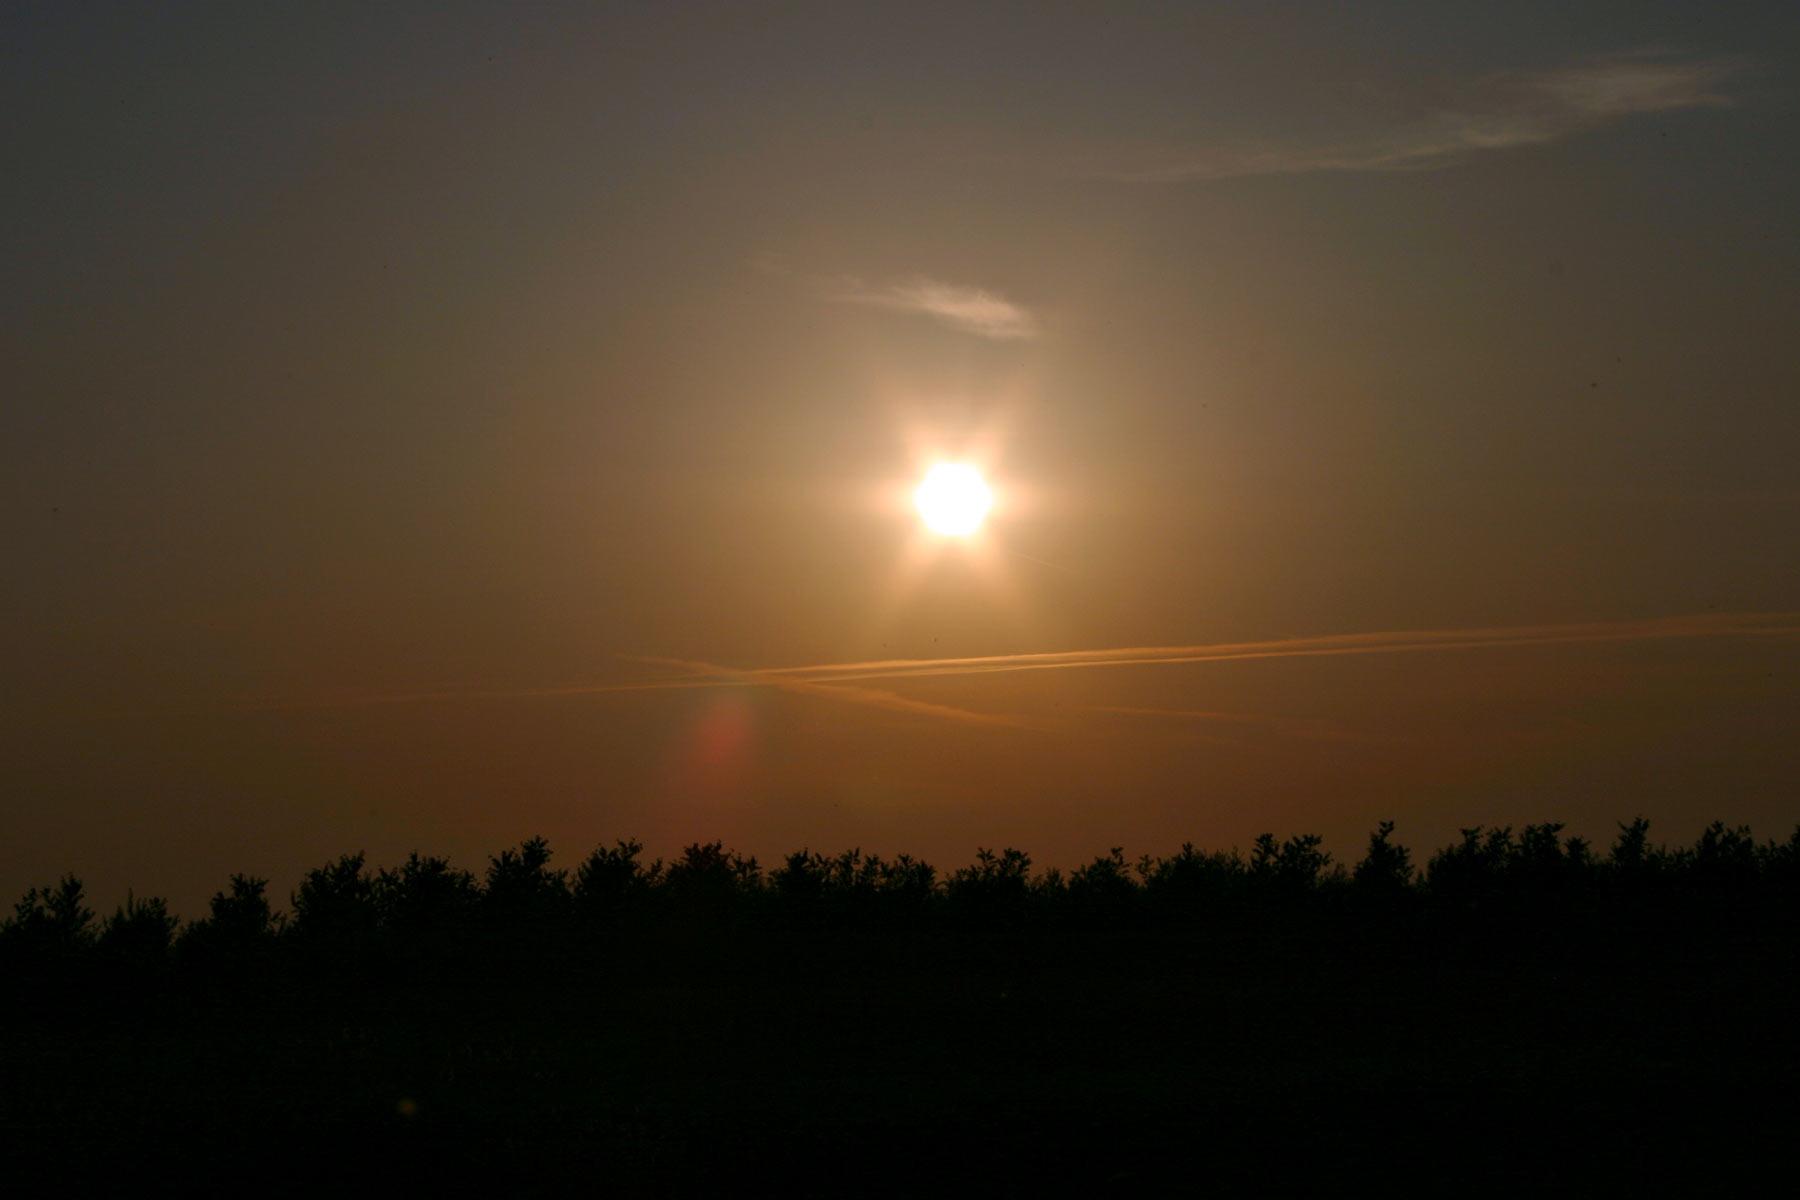 Sunny day photo